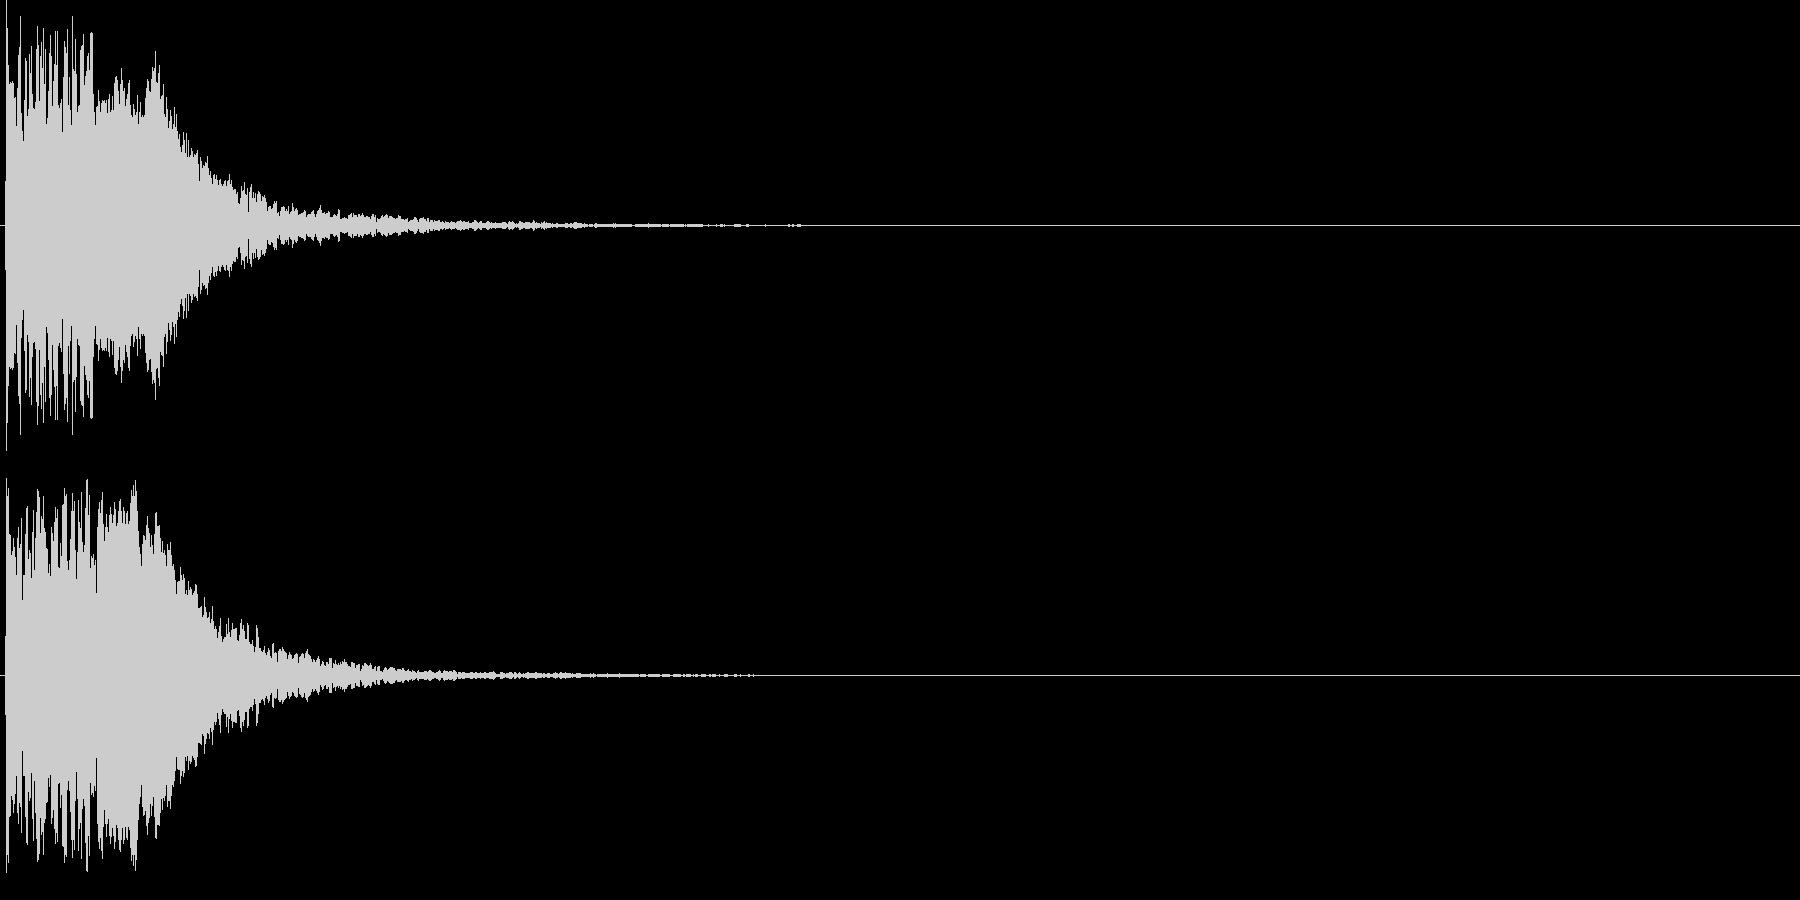 ピュイン(パワーアップ・エネルギー補充)の未再生の波形